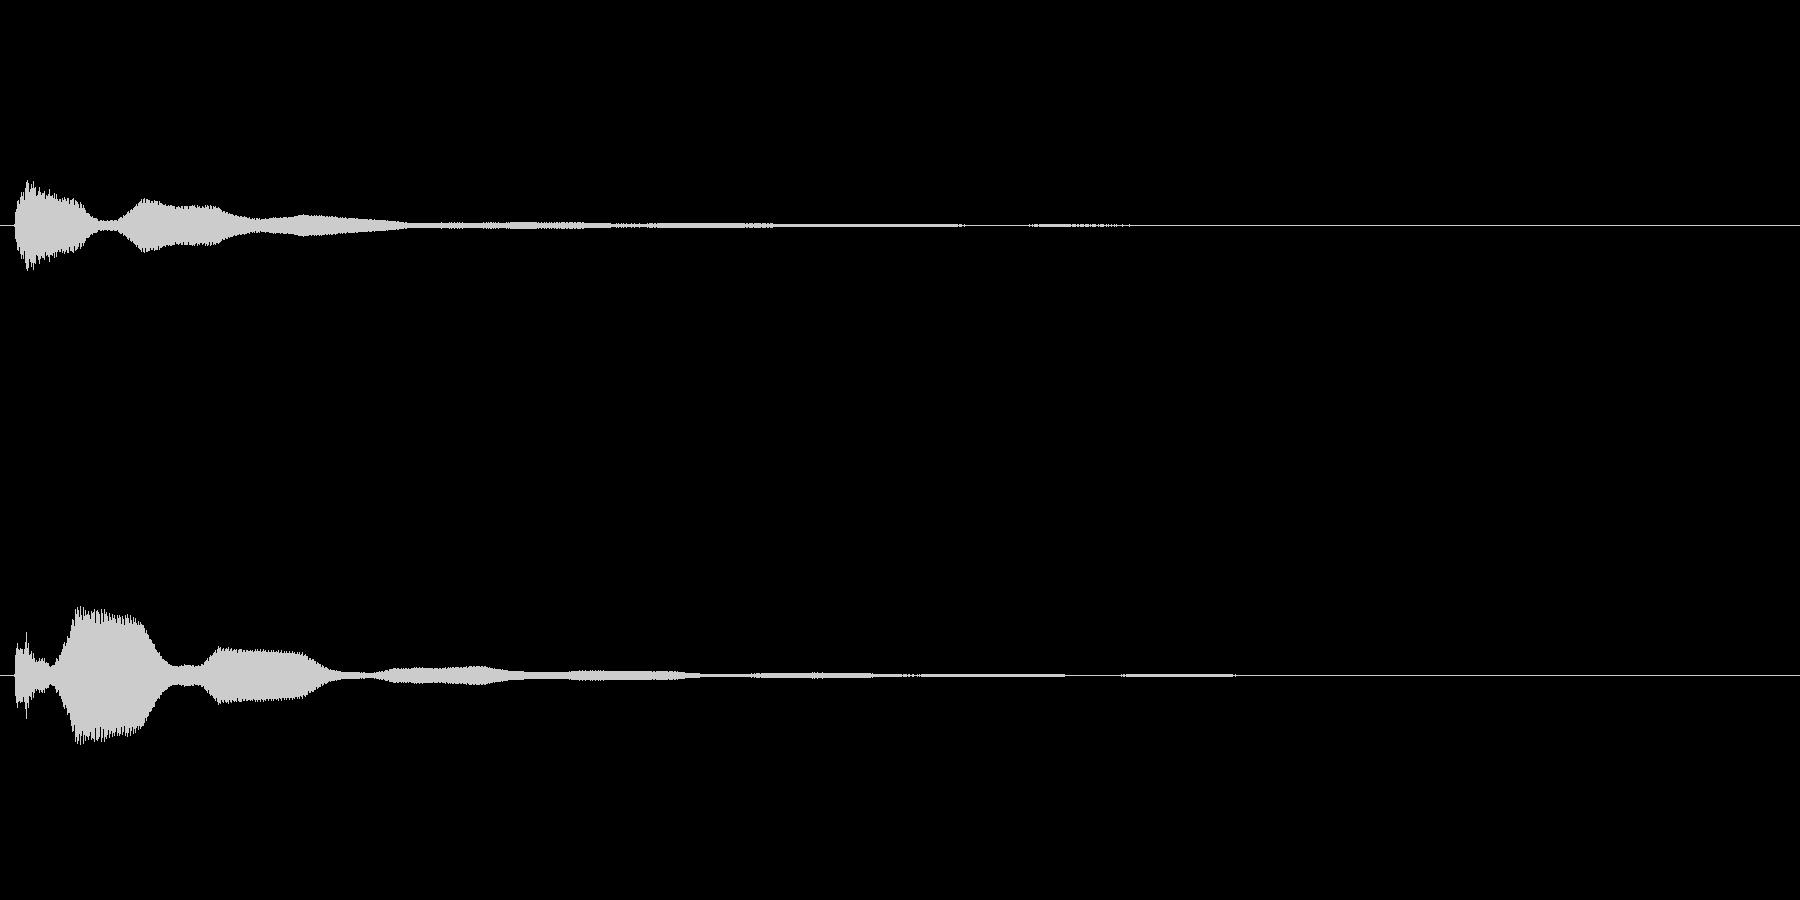 キラキラ系_058の未再生の波形